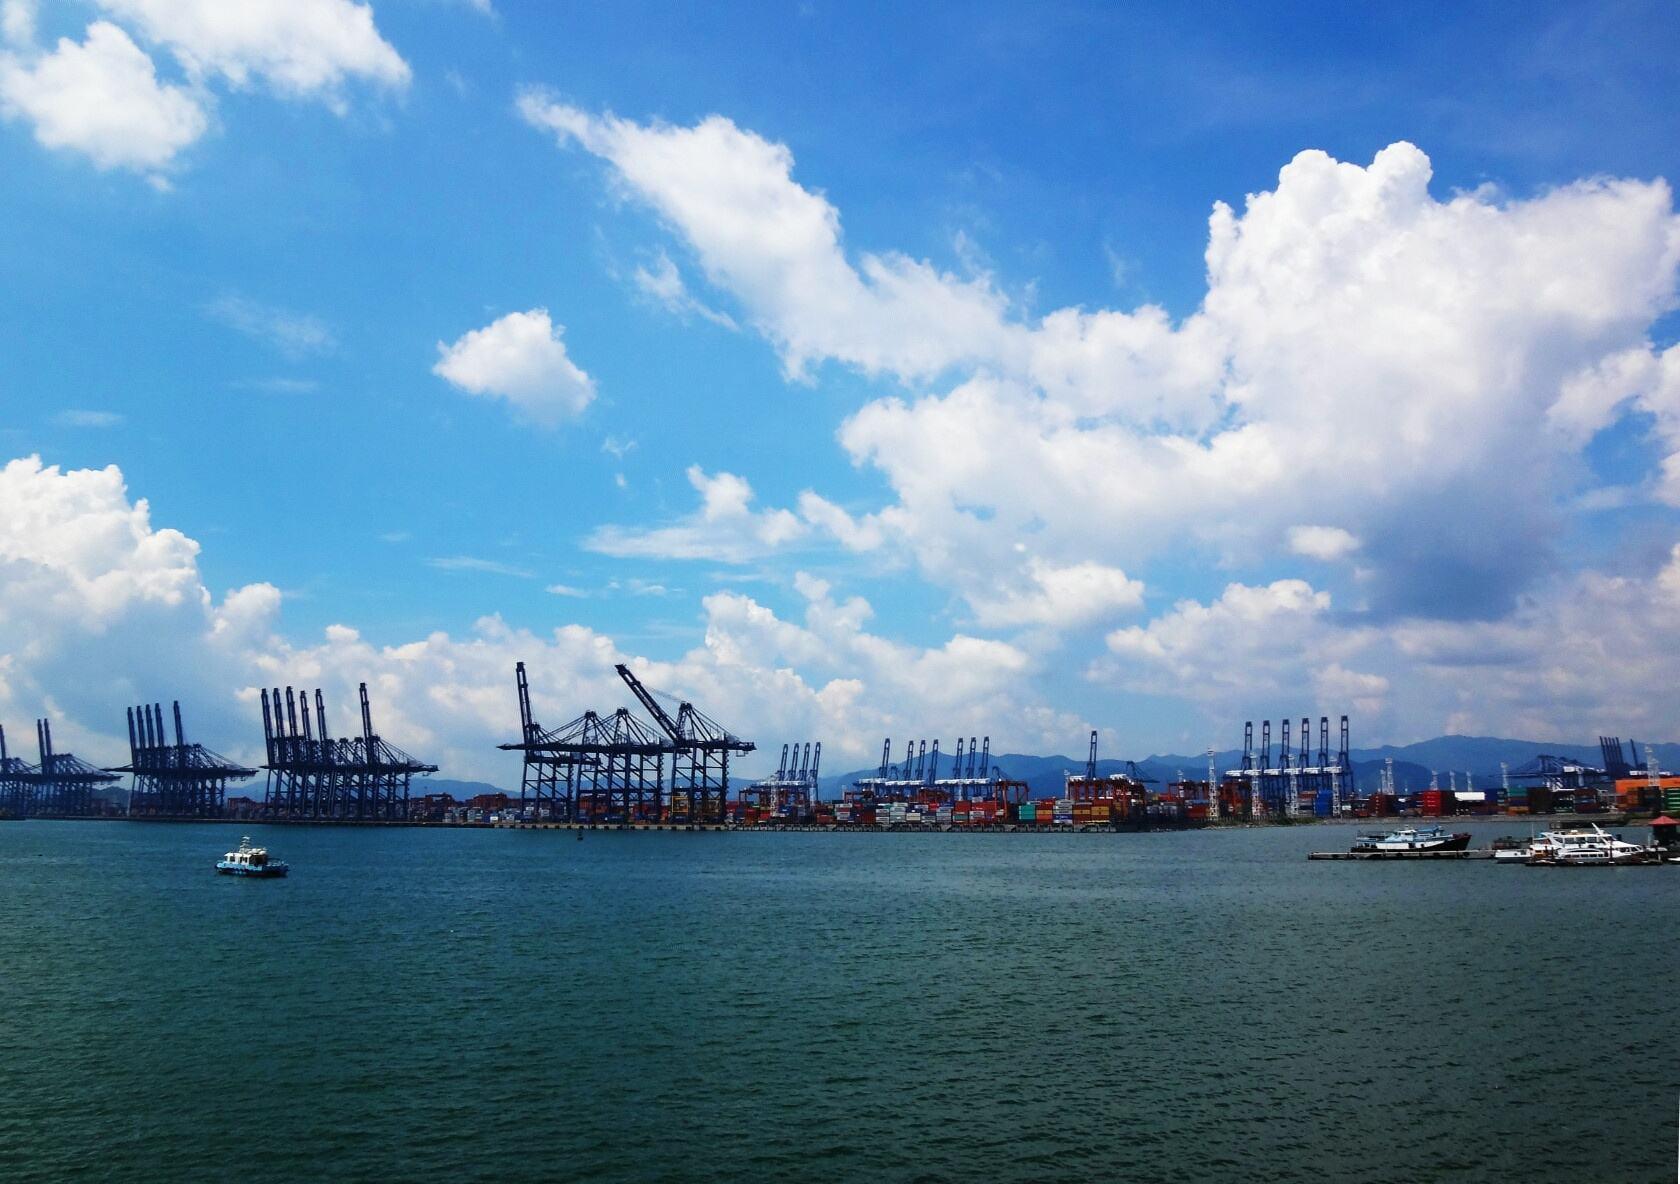 厉害了中国港!全球前十的港口中国占7席 - 挥斥方遒 - 挥斥方遒的博客